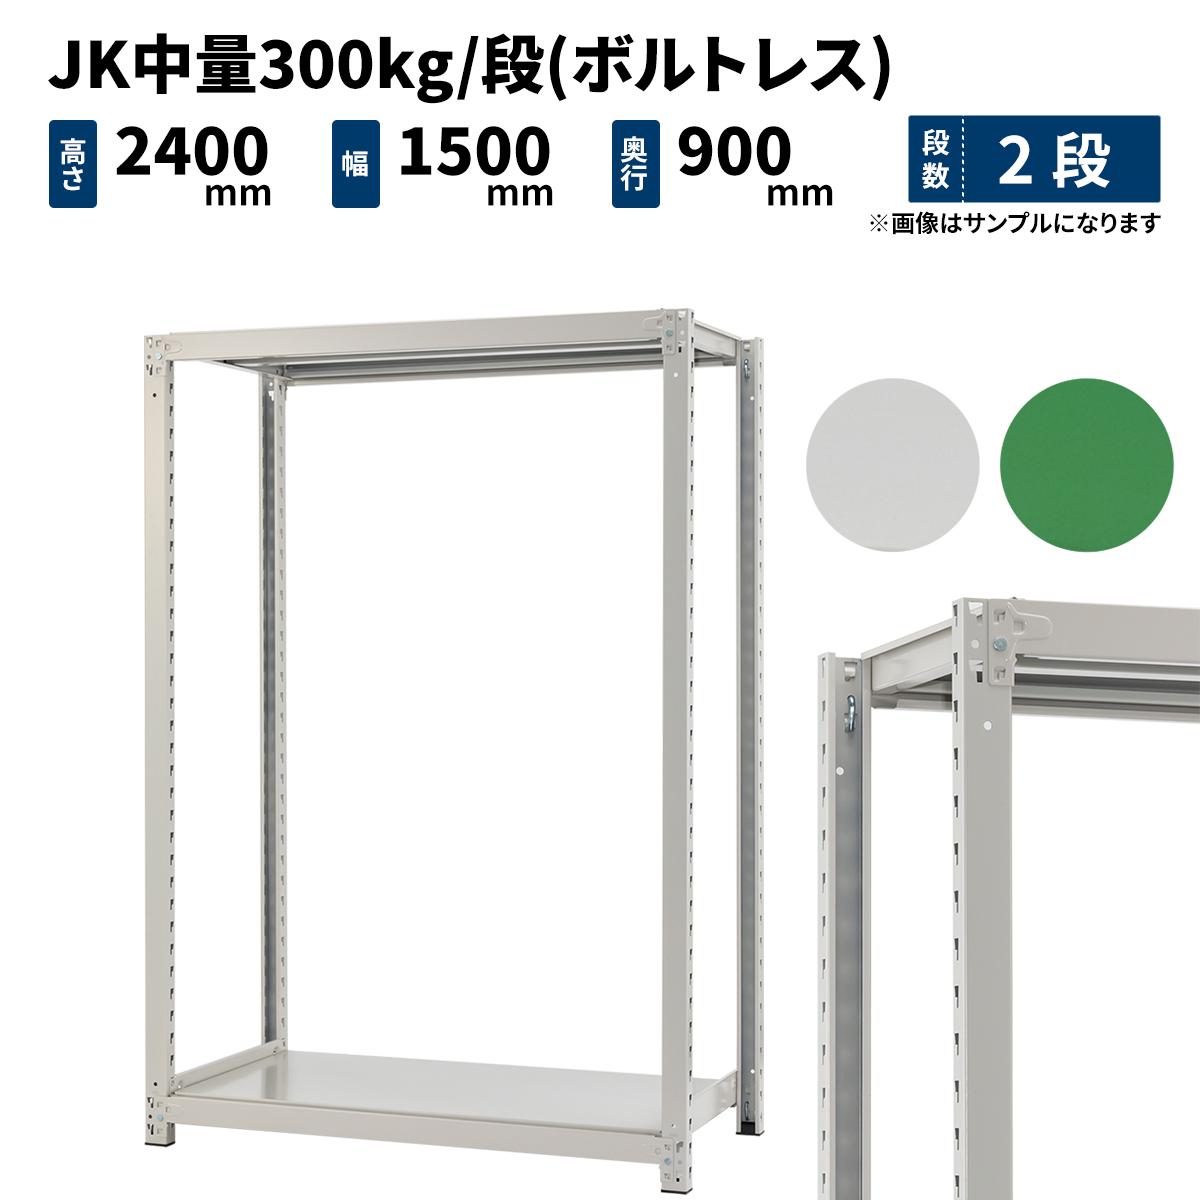 スチールラック 業務用 JK中量300kg/段(ボルトレス) 単体形式 高さ2400×幅1500×奥行900mm 2段 ホワイトグレー/グリーン (66kg) JK300_T-241509-2